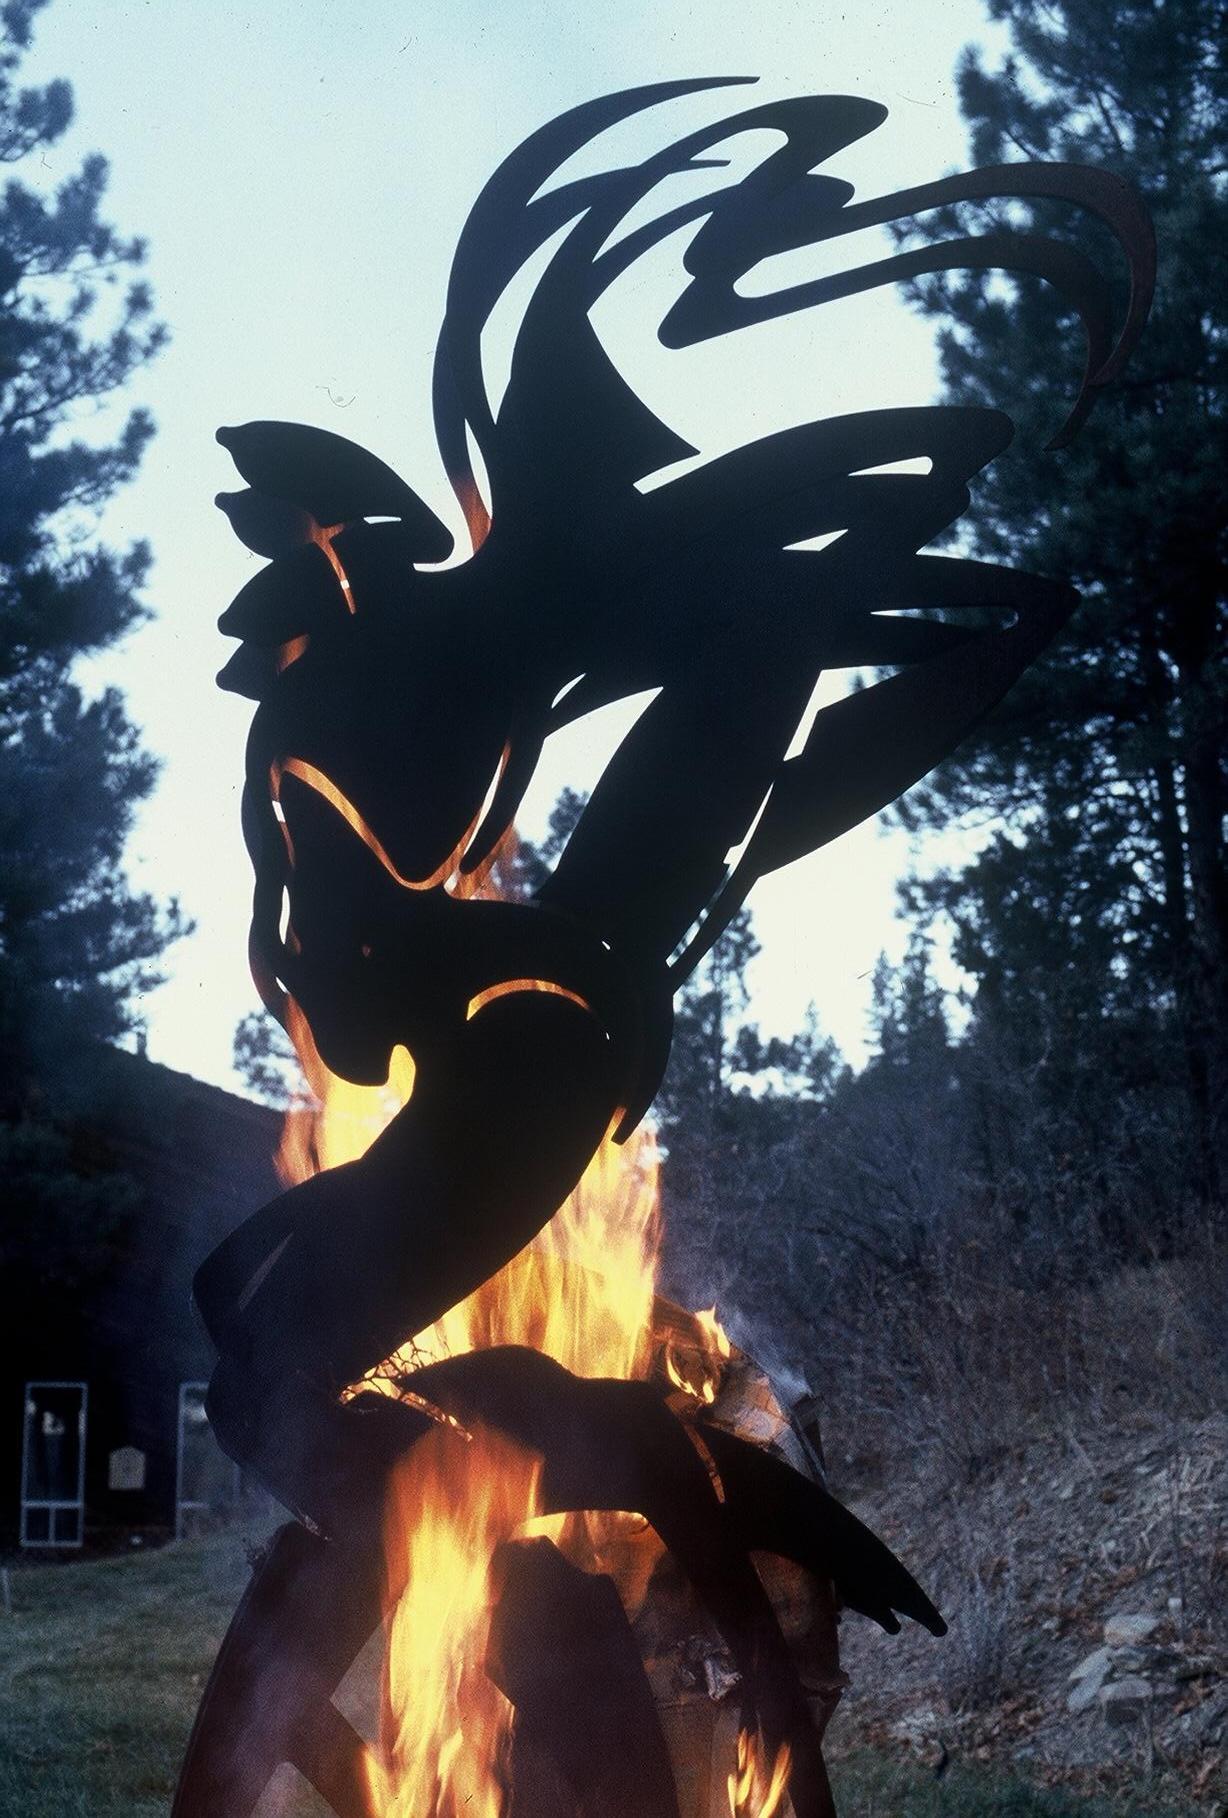 8 Foot Steel Fire Walker - Photo taken in Durango, Colorado